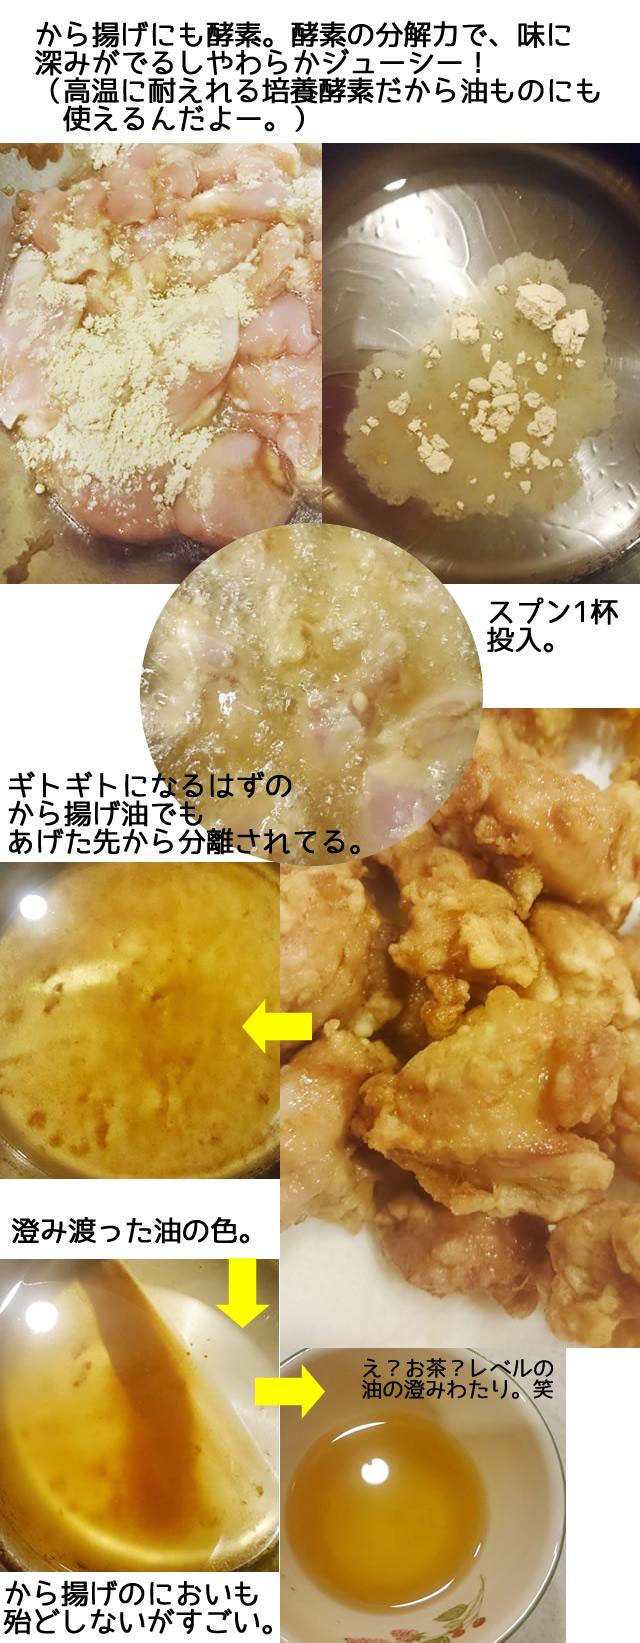 鮫島純子,米ぬか酵素,ケンコーソ,コーソ,消炎酵素,菊 の マーク,酵素 風呂,デトックス ダイエット,効果 の ある ダイエット,ローズマリー農園